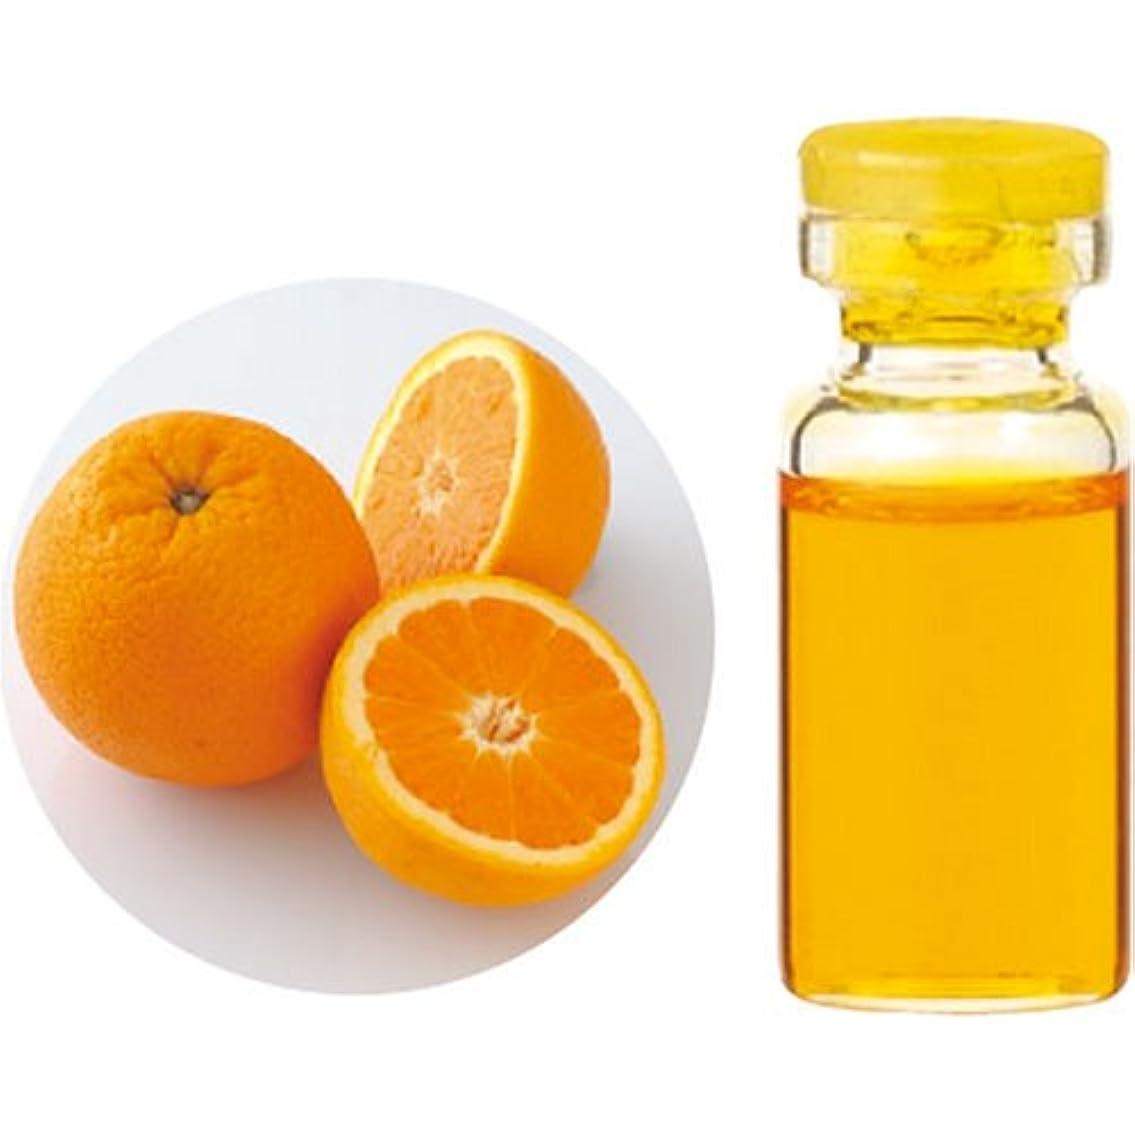 の頭の上干渉するアパートHerbalLife スィートオレンジ 10ml